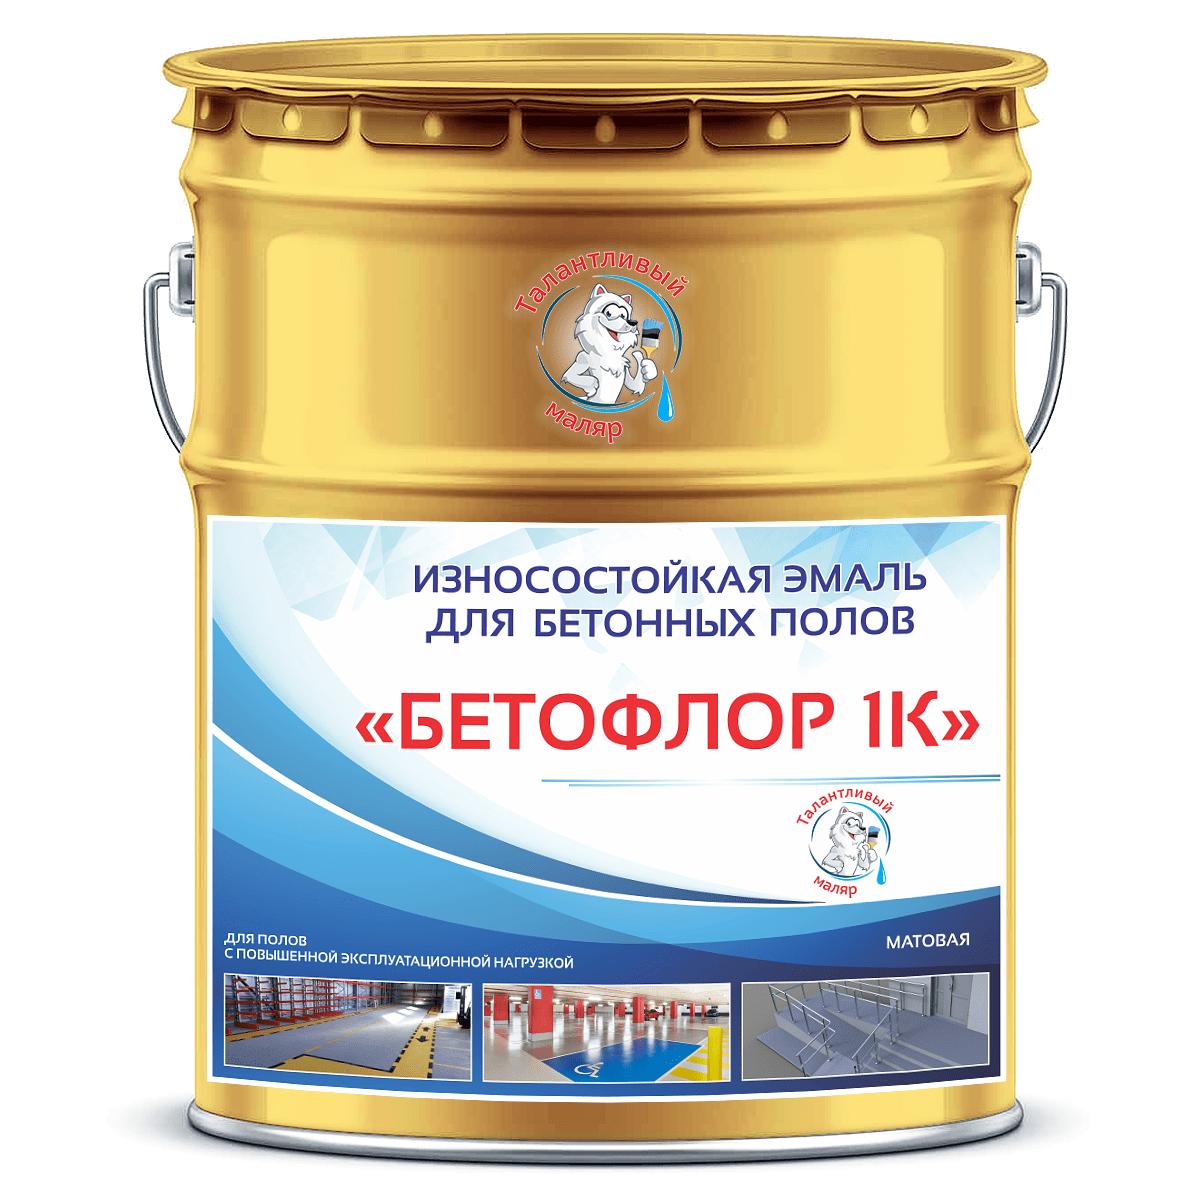 """Фото 4 - BF1034 Эмаль для бетонных полов """"Бетофлор"""" 1К цвет RAL 1034 Пастельно-жёлтый, матовая износостойкая, 25 кг """"Талантливый Маляр""""."""